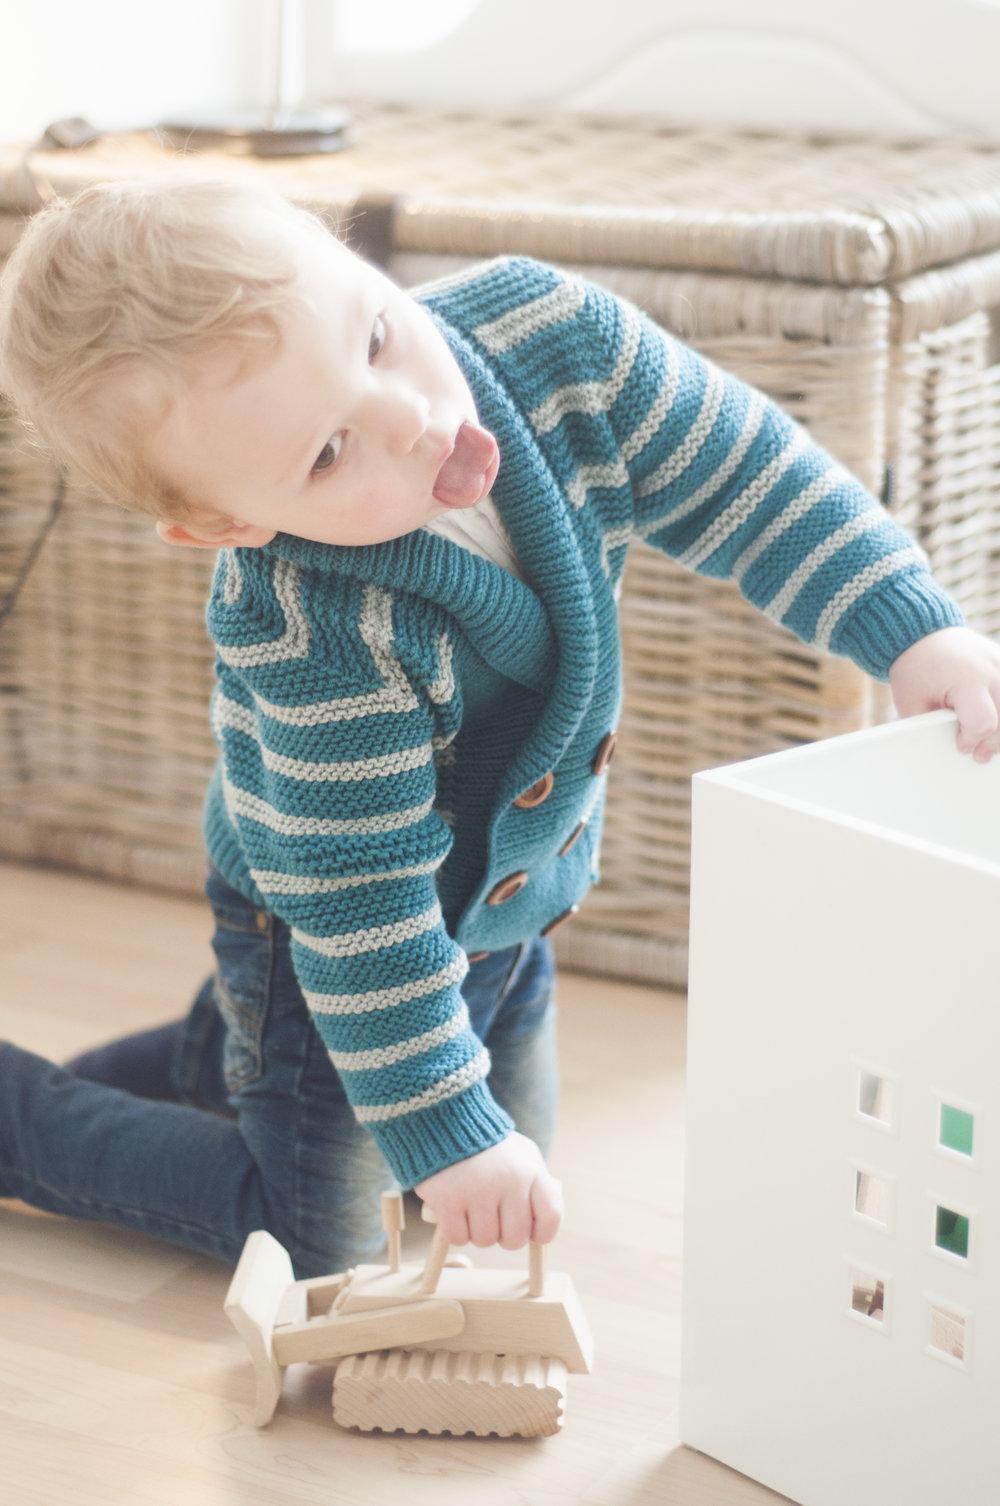 Selv om du er mammas lille supermodell, så må du rydde opp lekene når du kaster de utover. - Emiljakka